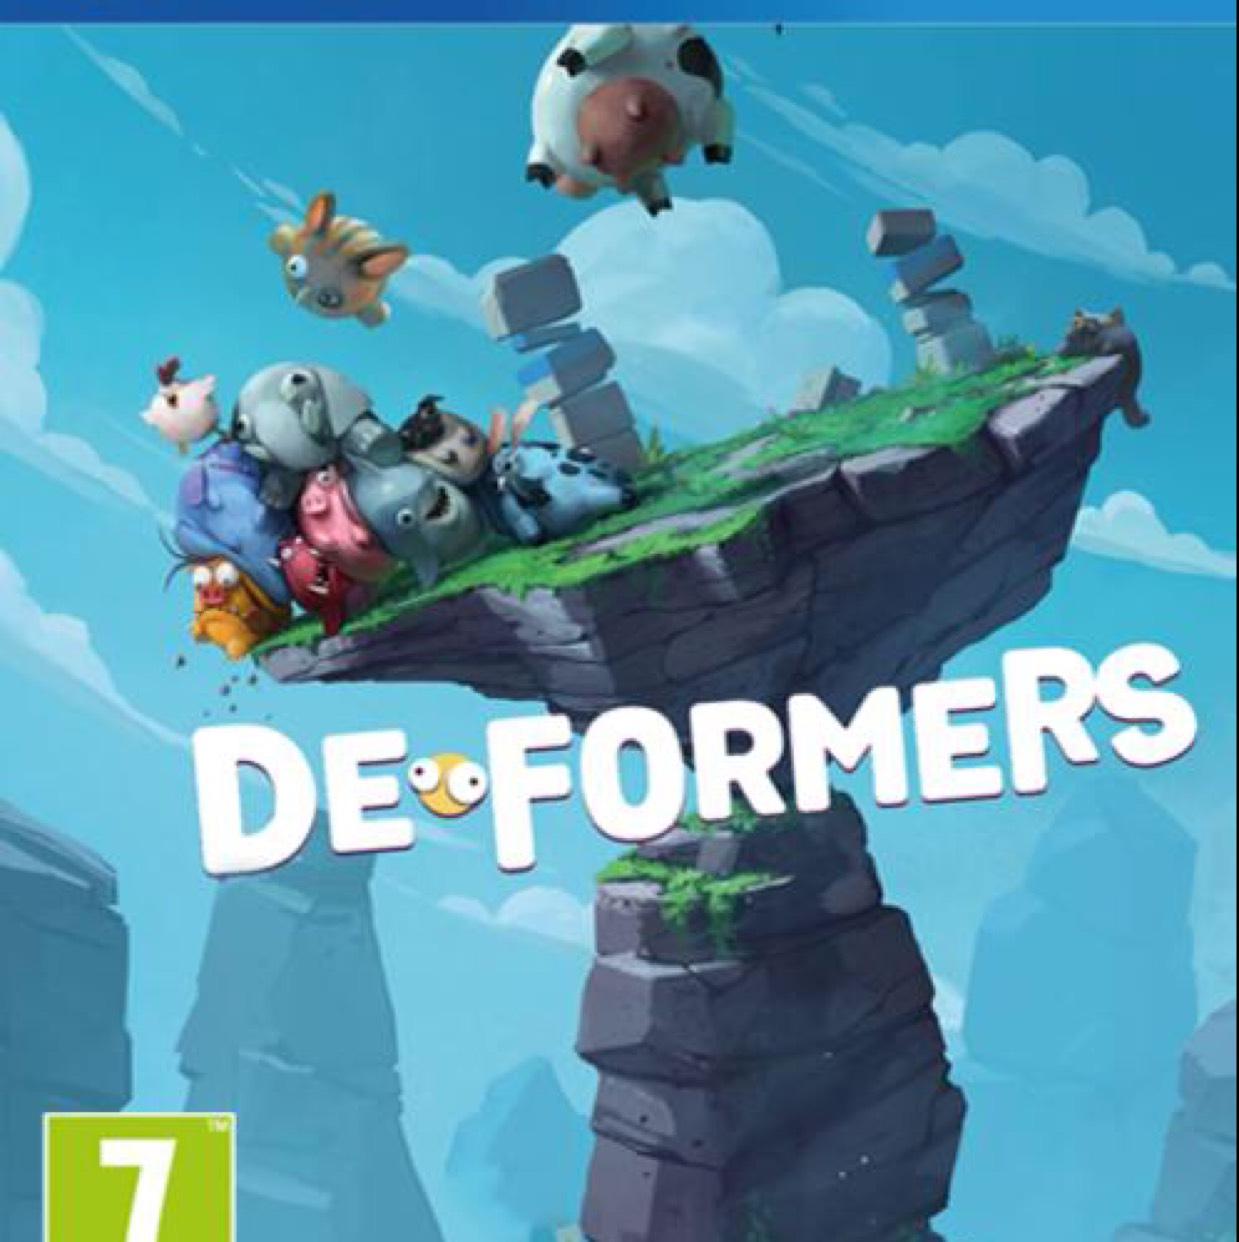 Deformers (PS4, XBOX One, Steam) vom 8. bis 11. Juni kostenlos spielen